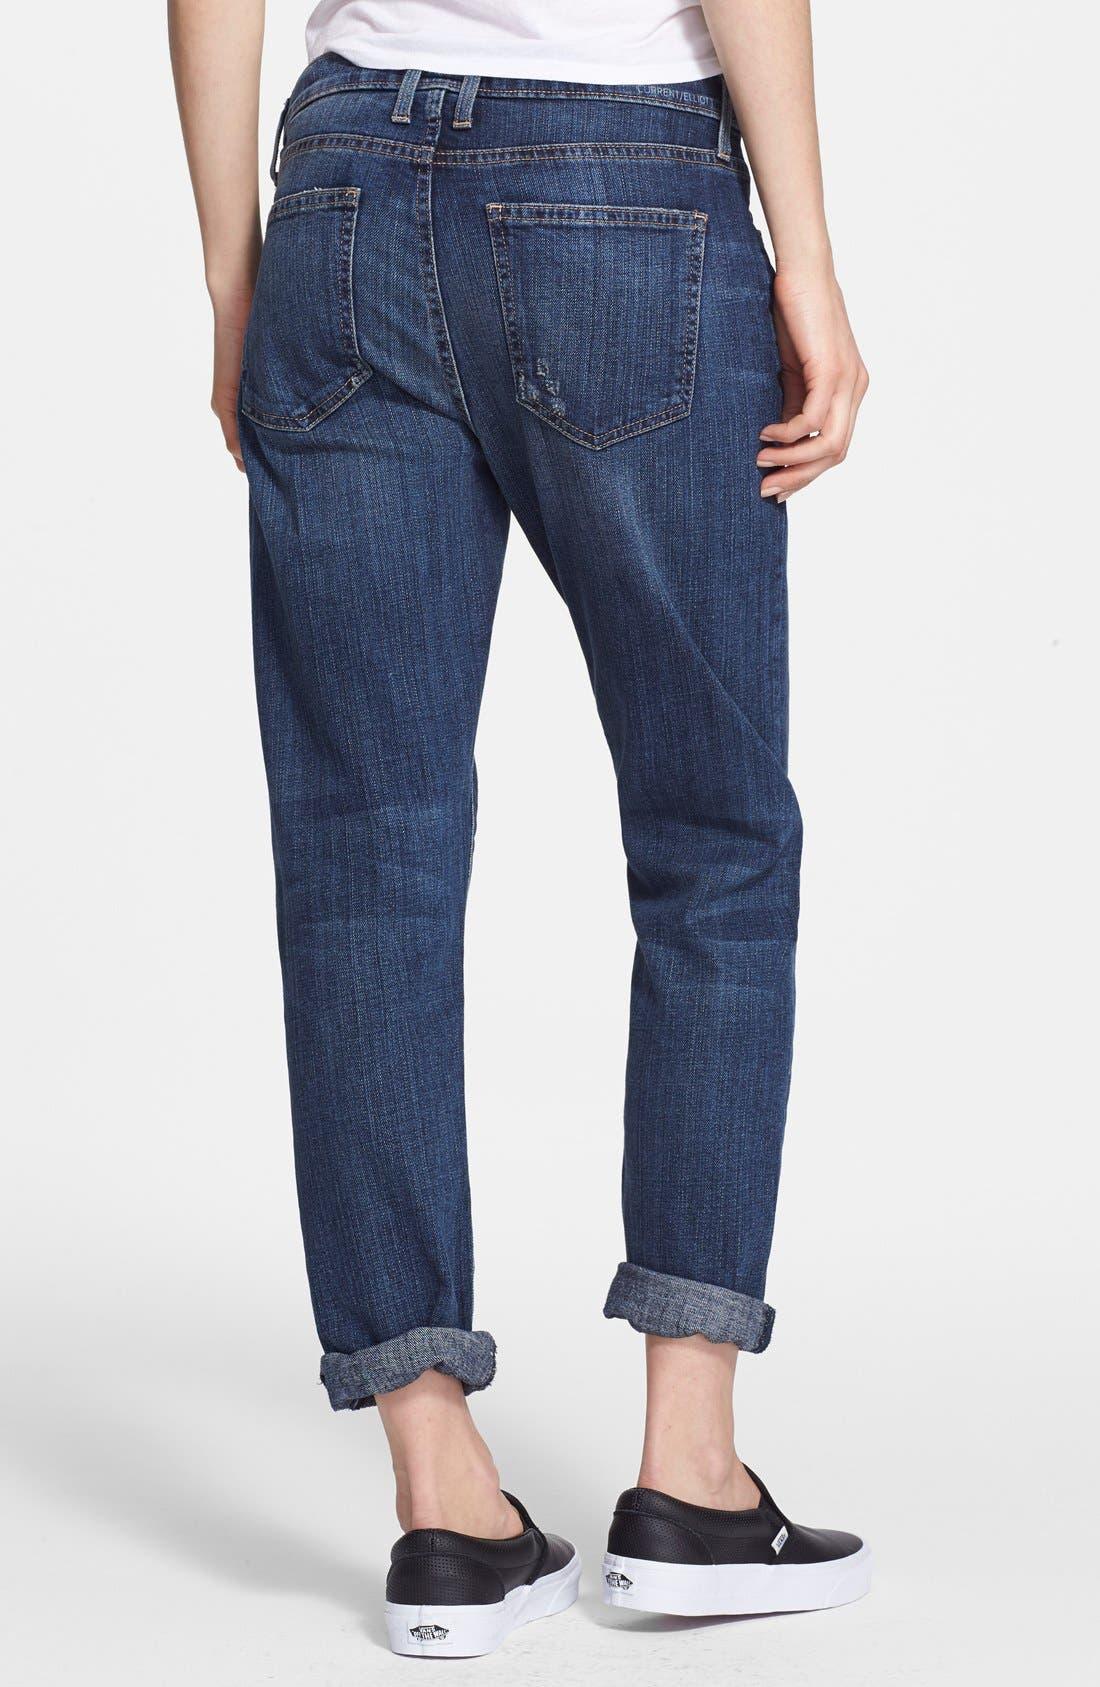 'The Fling' Boyfriend Jeans,                             Alternate thumbnail 3, color,                             465